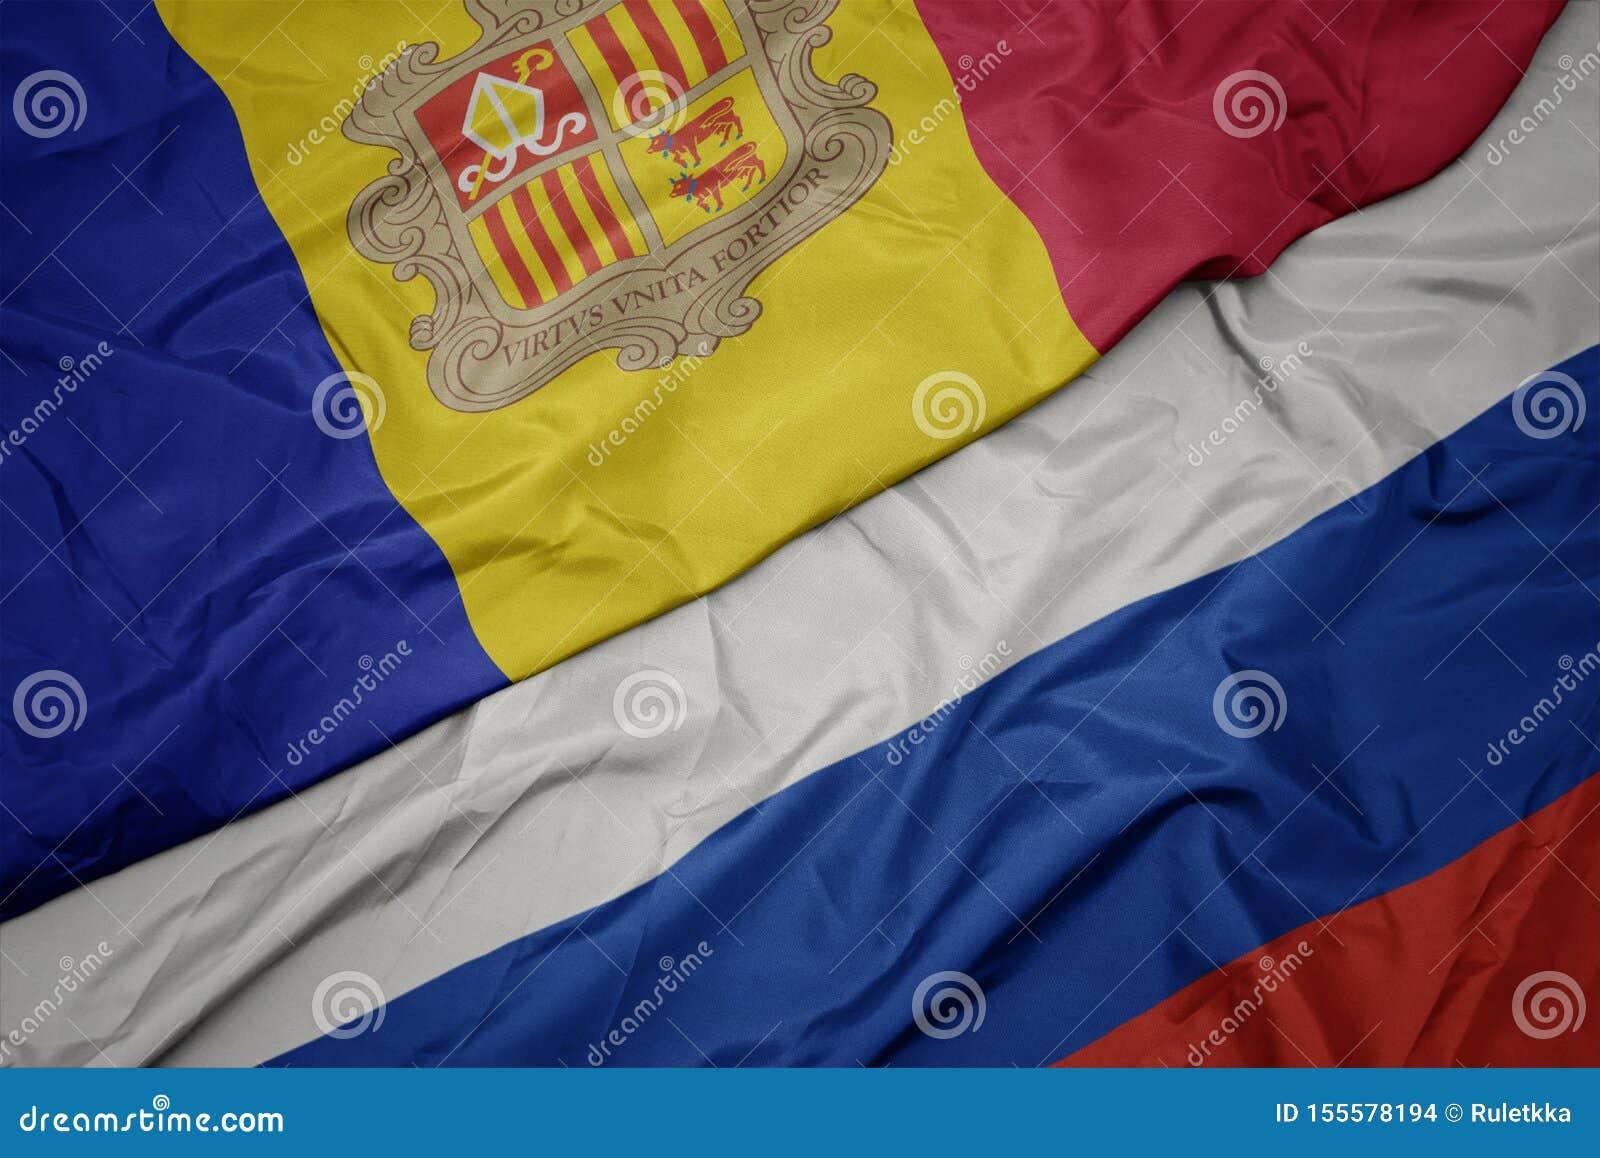 развевая красочный флаг России и национальный флаг Андорры